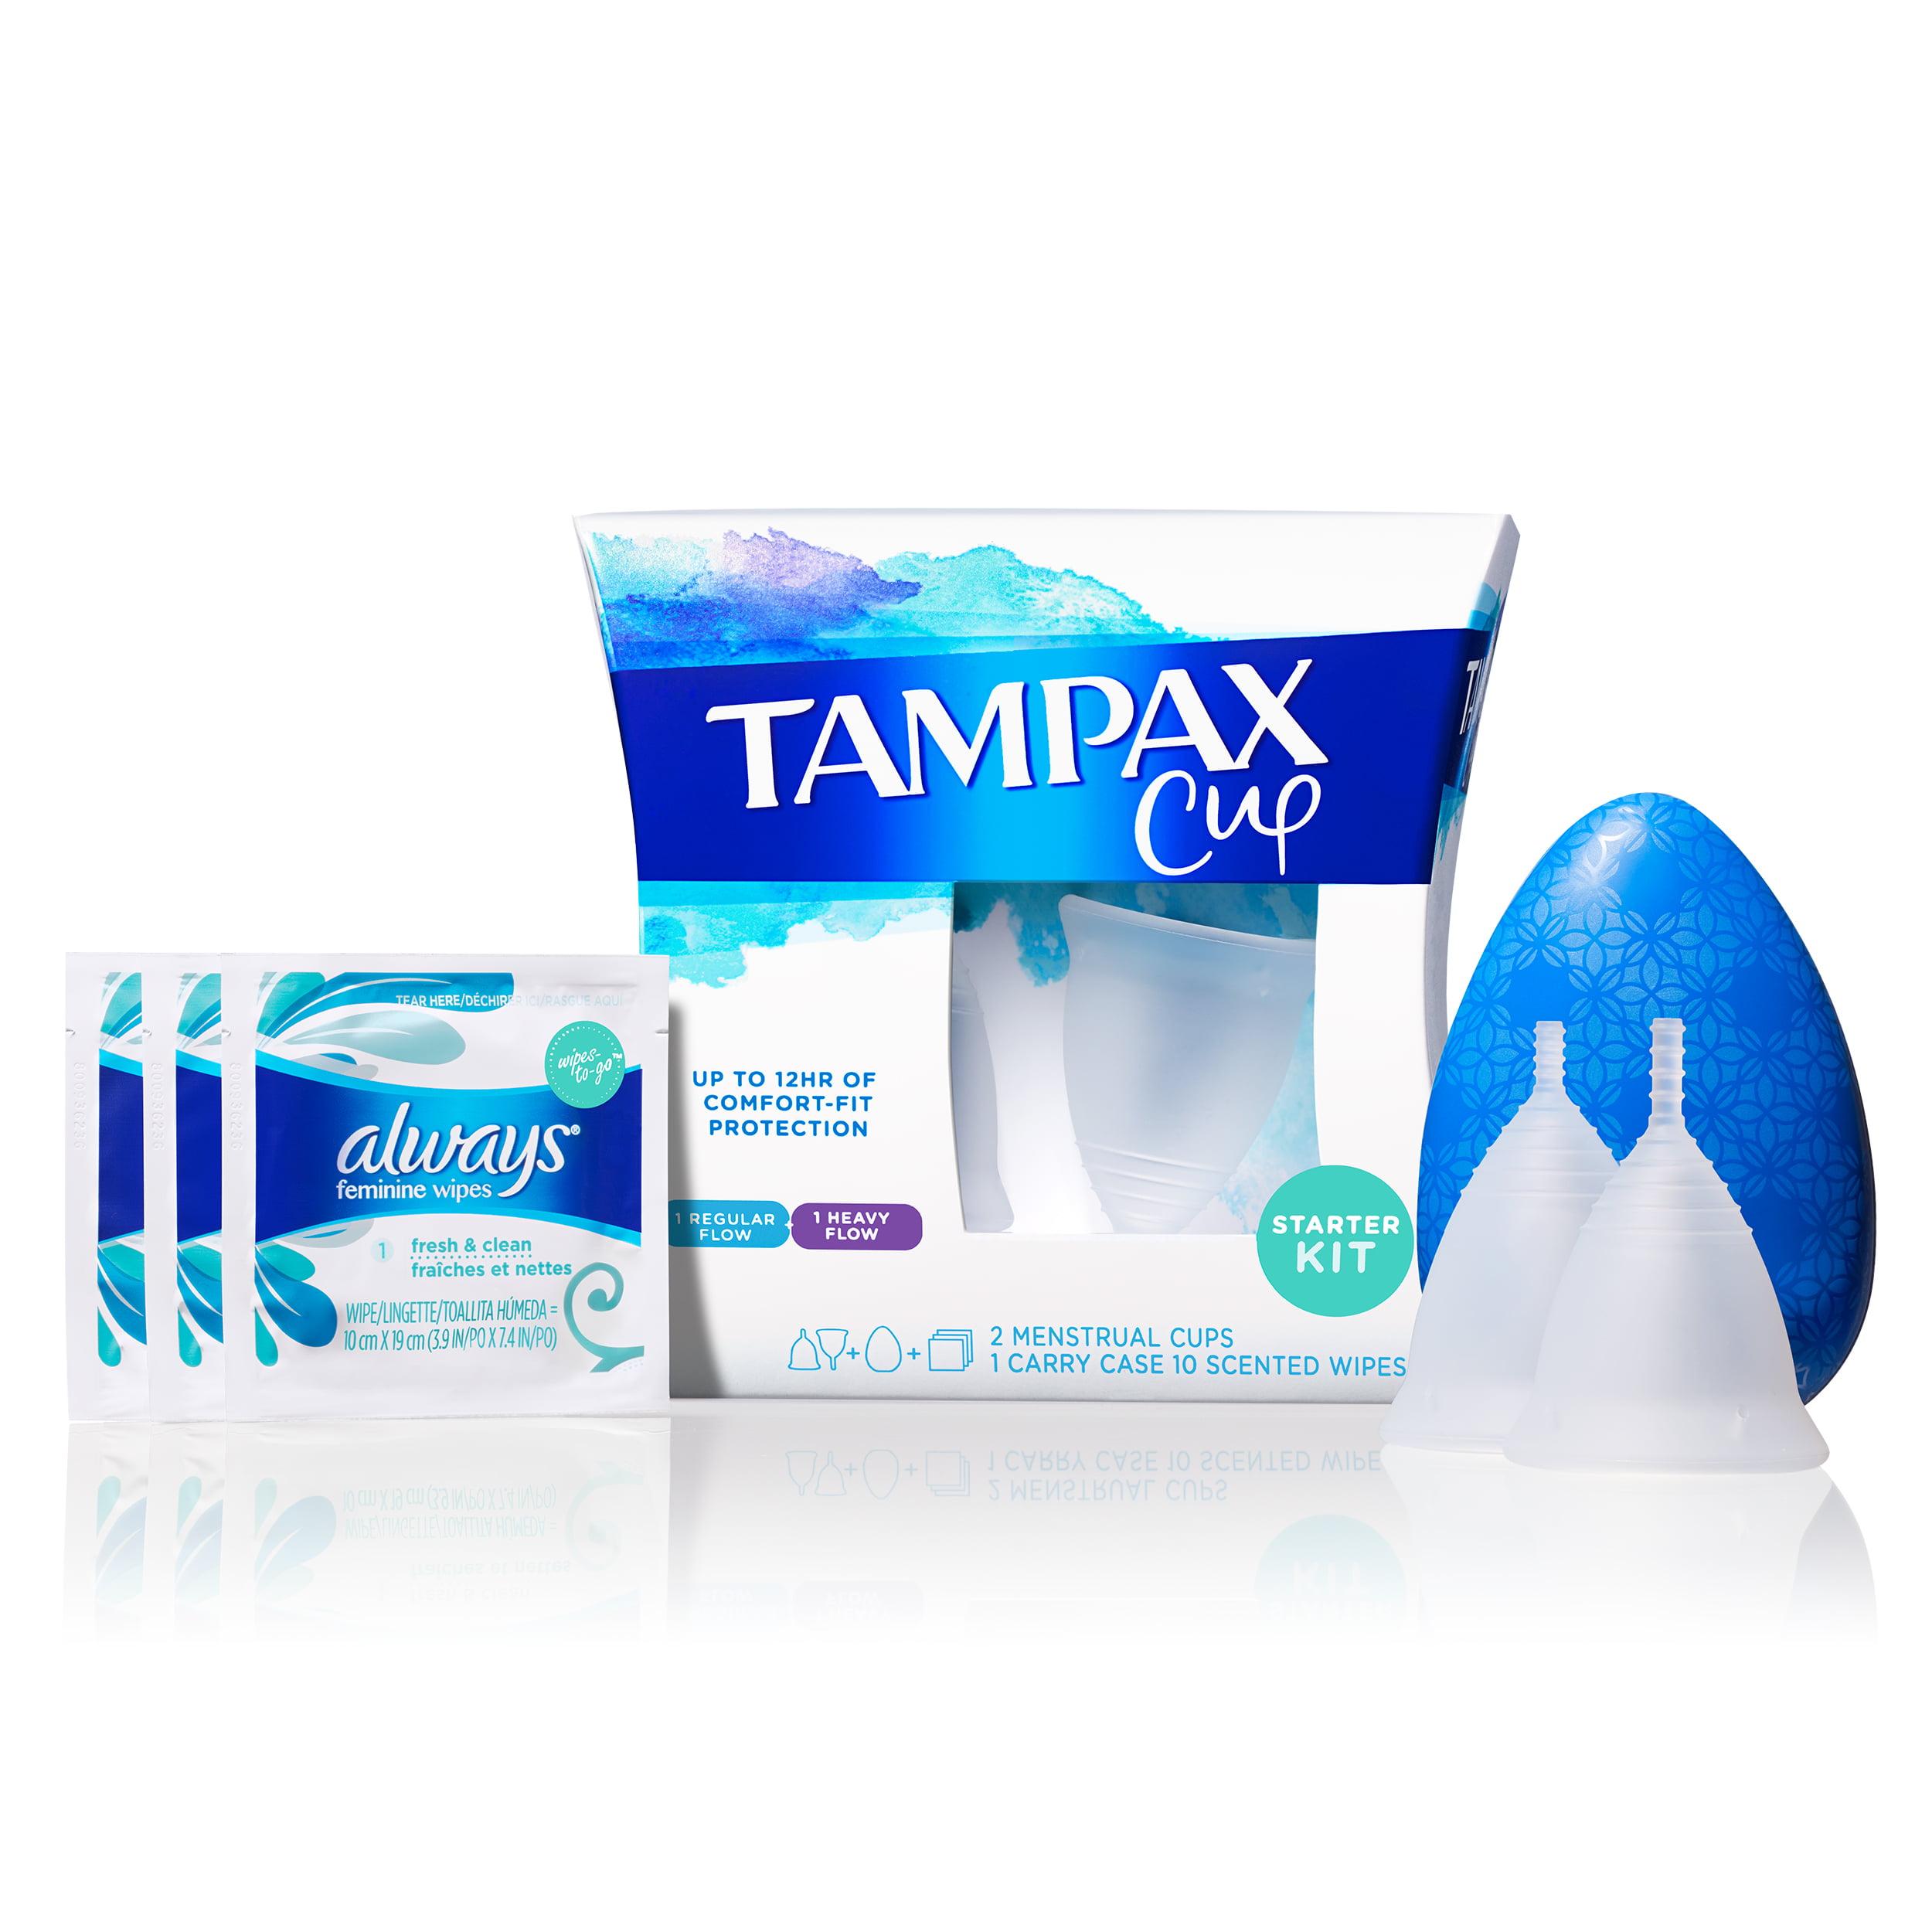 Tampax Menstrual Cup, Starter Kit